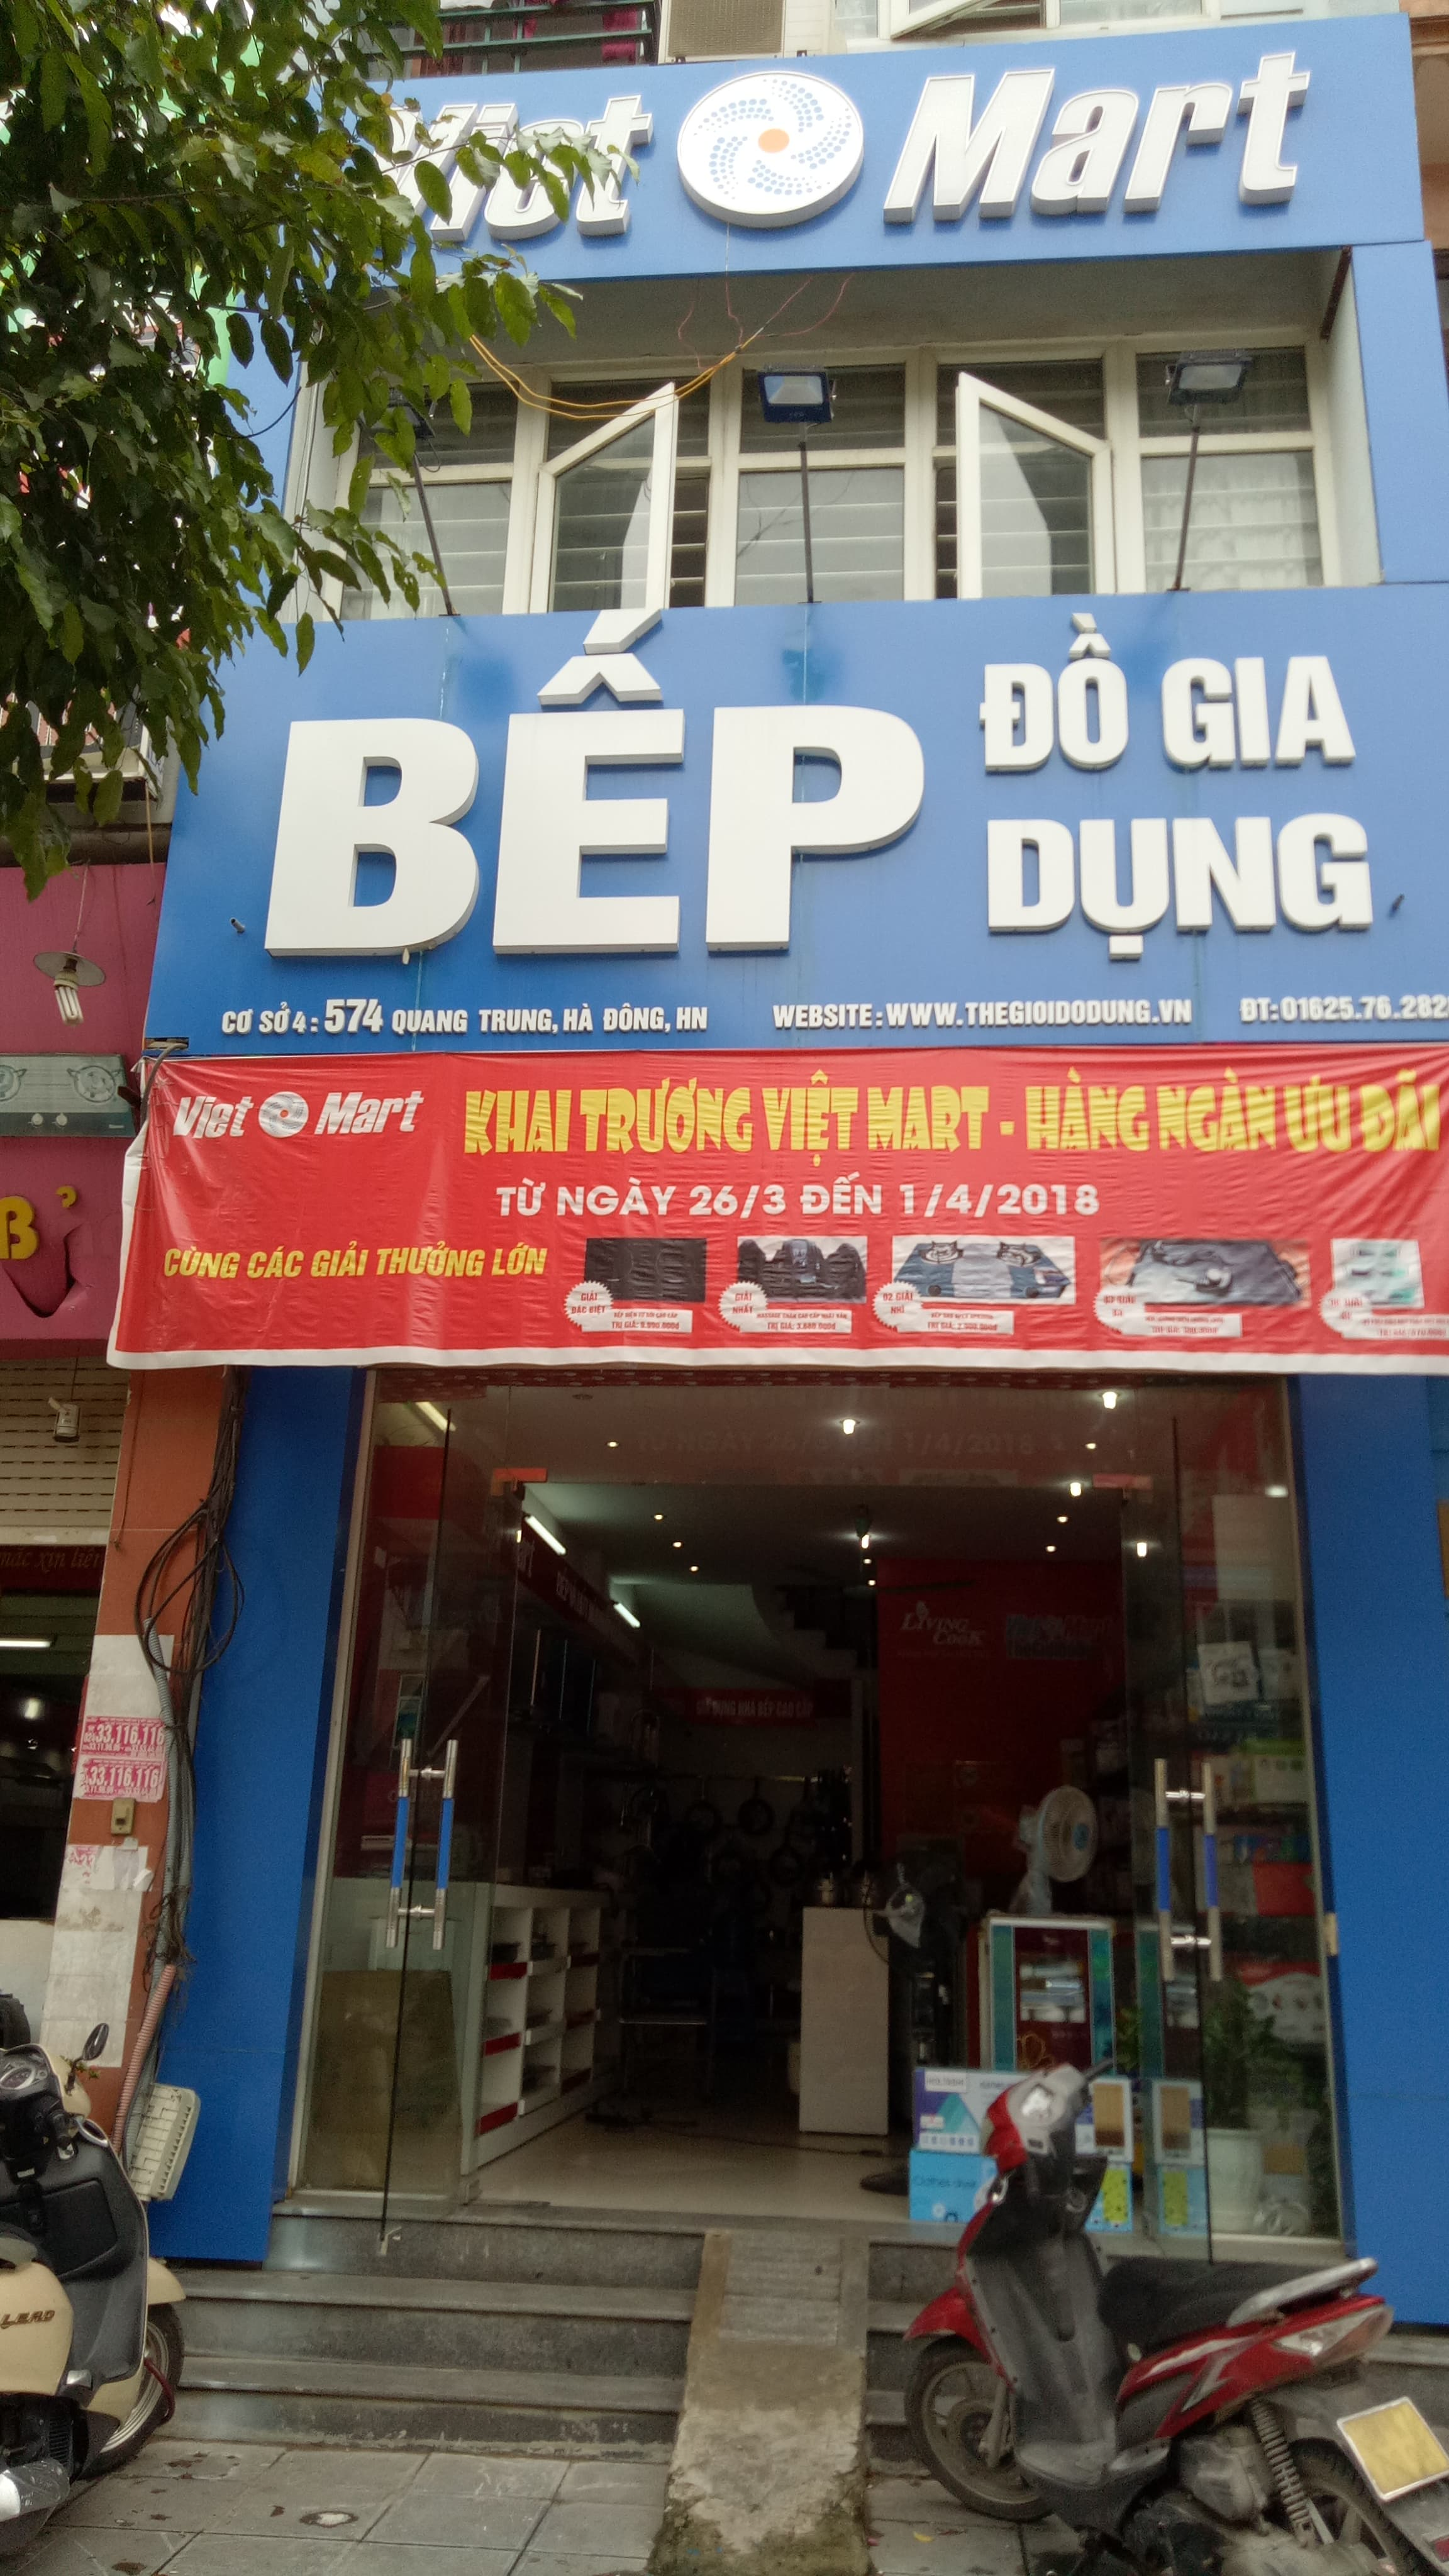 Thế Giới Đồ Dùng Việt Mart chi nhánh 574 Quang Trung-Hà Đông-HN